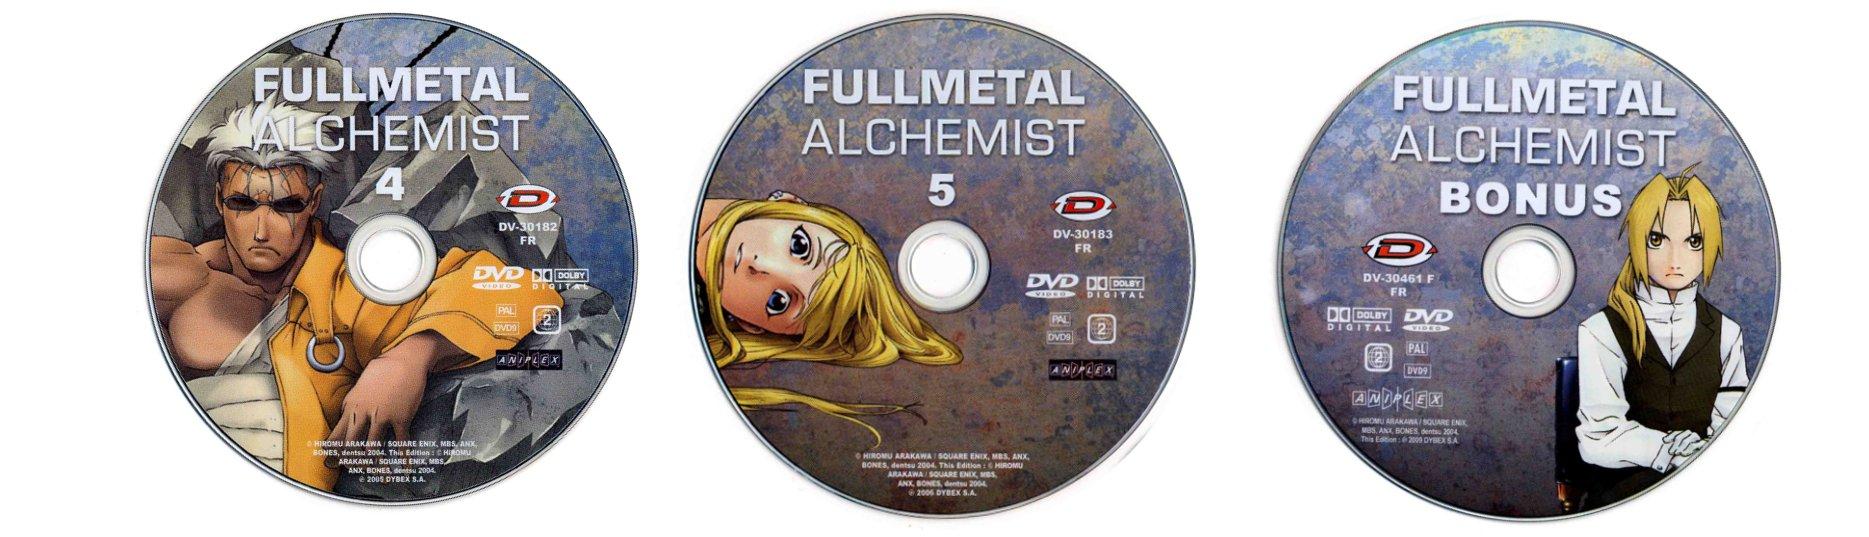 DVD 1, 2 et 3 du digipack avec les épisodes 16 à 25 (plus bonus) de la box collector Fullmetal Alchemist